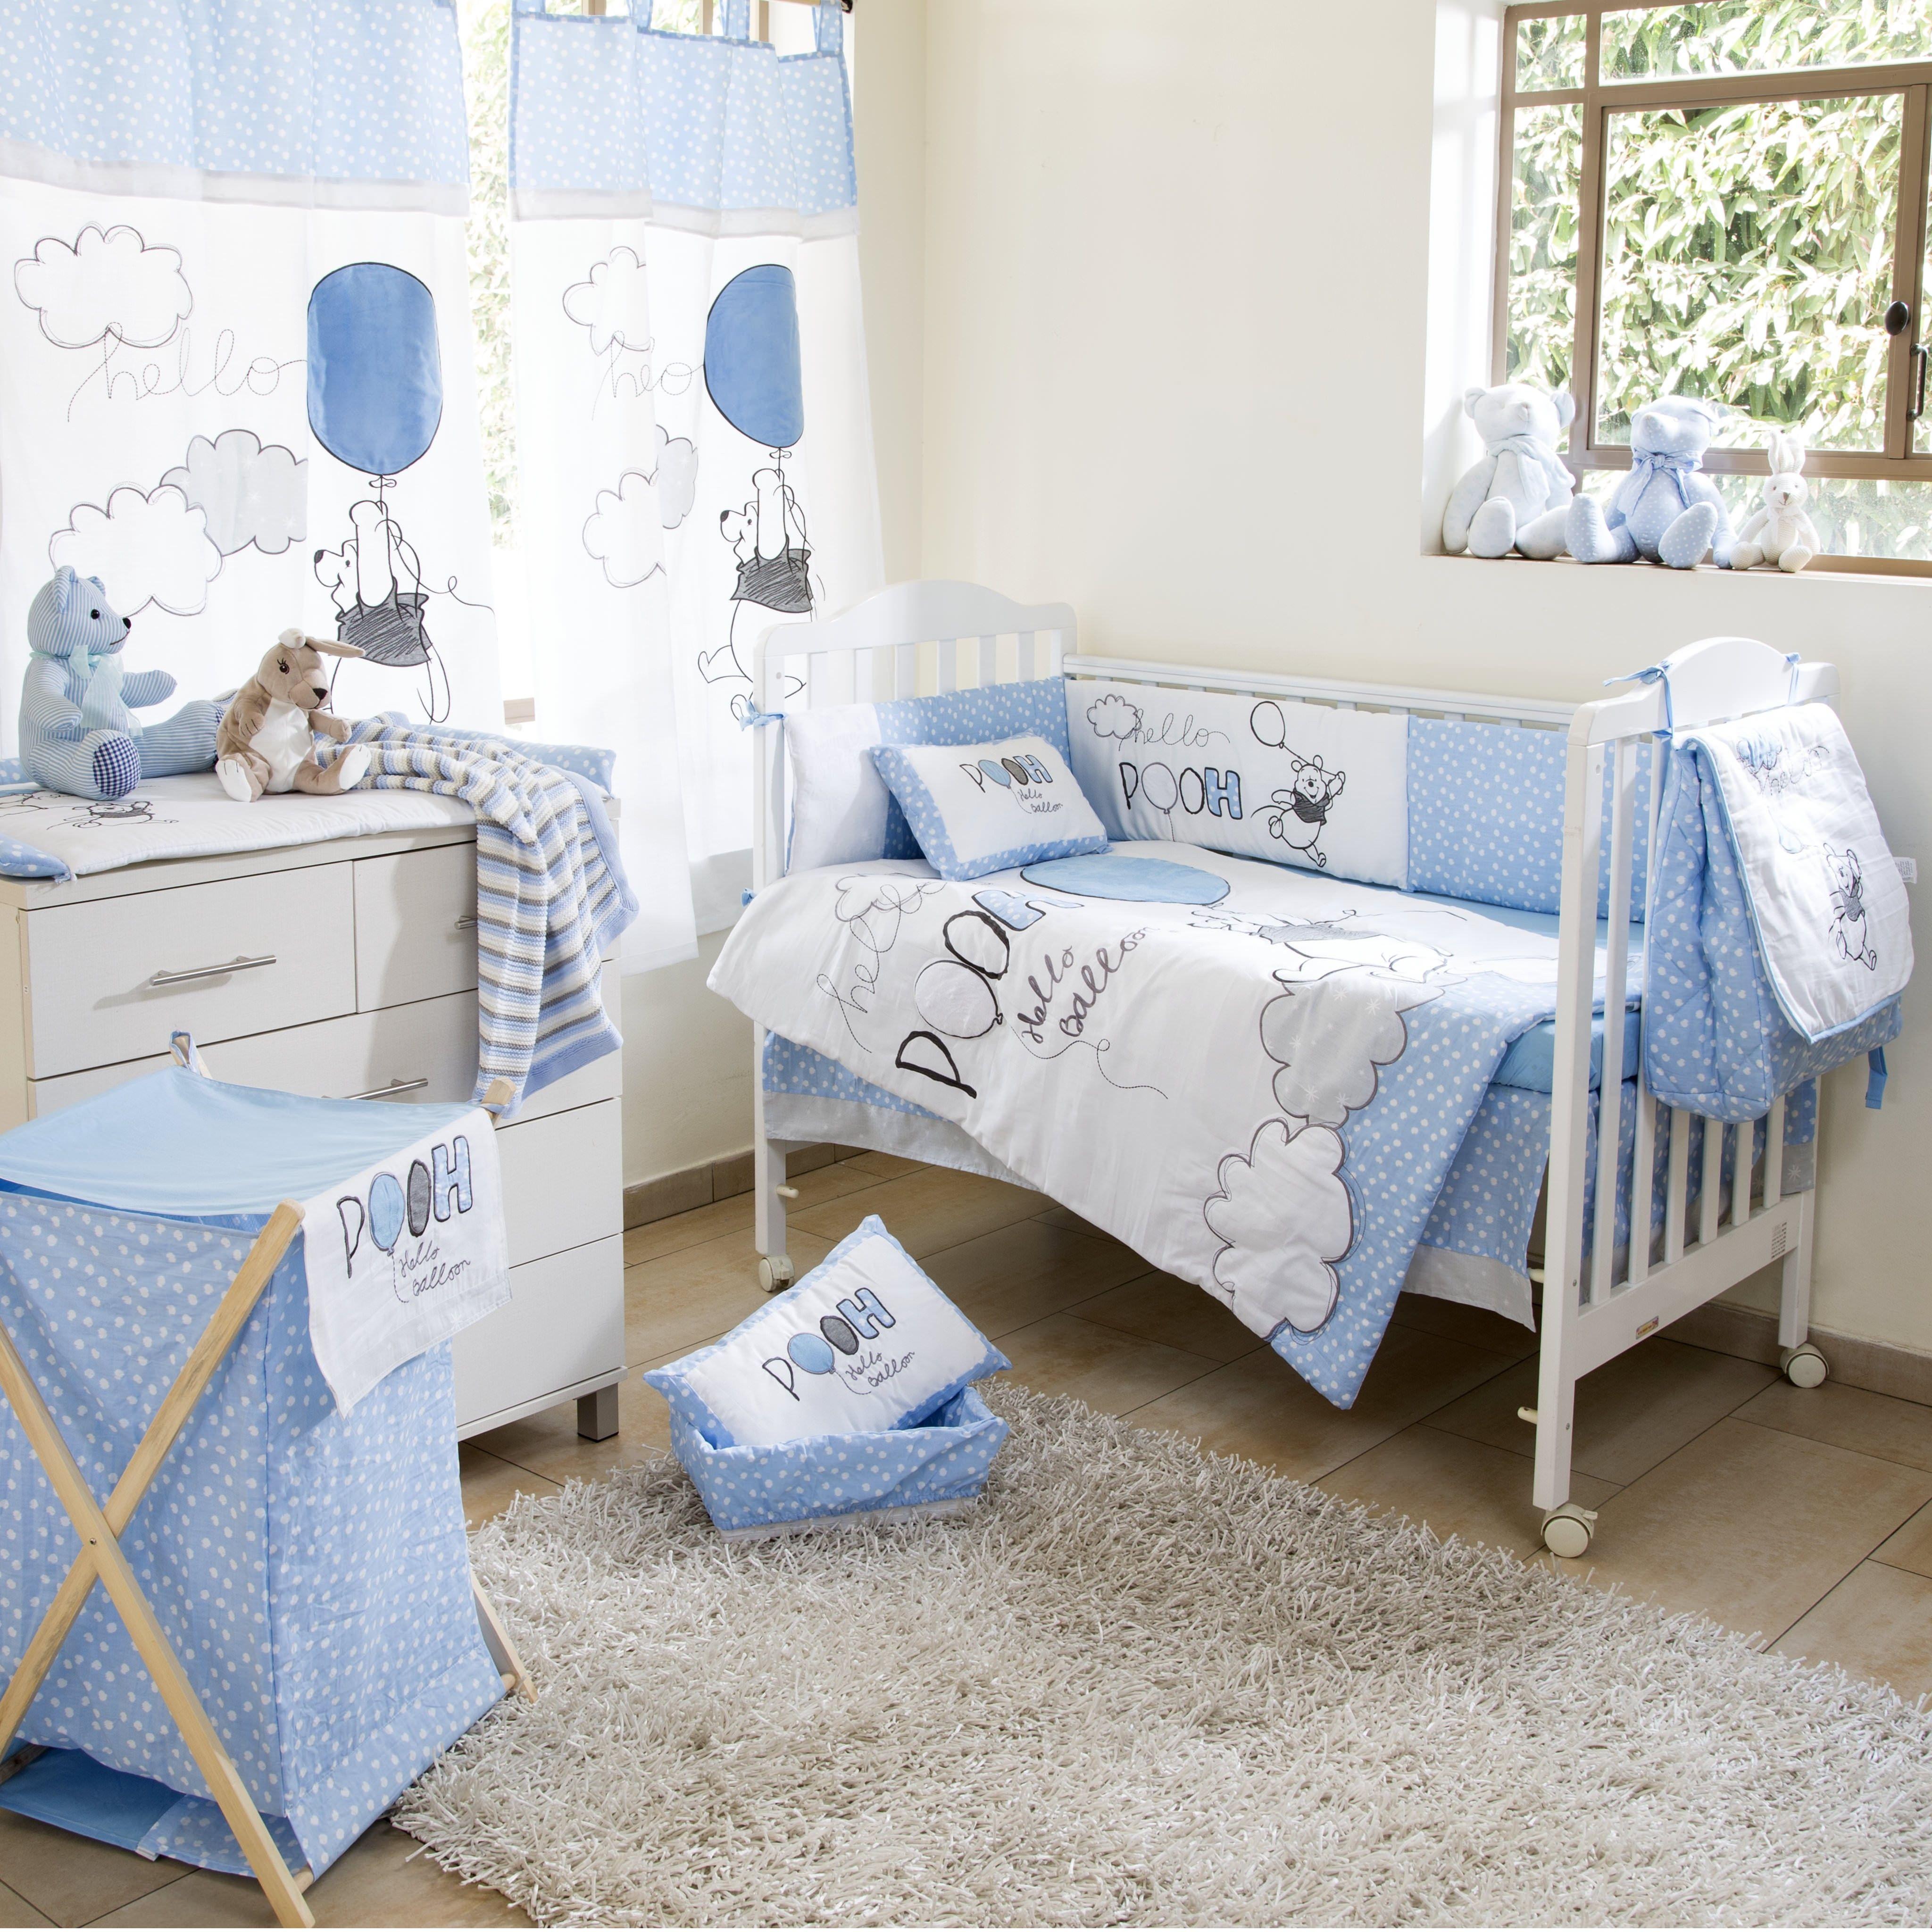 Baby Bedding Sets Baby Bedding Sets Baby Linen Sets Baby